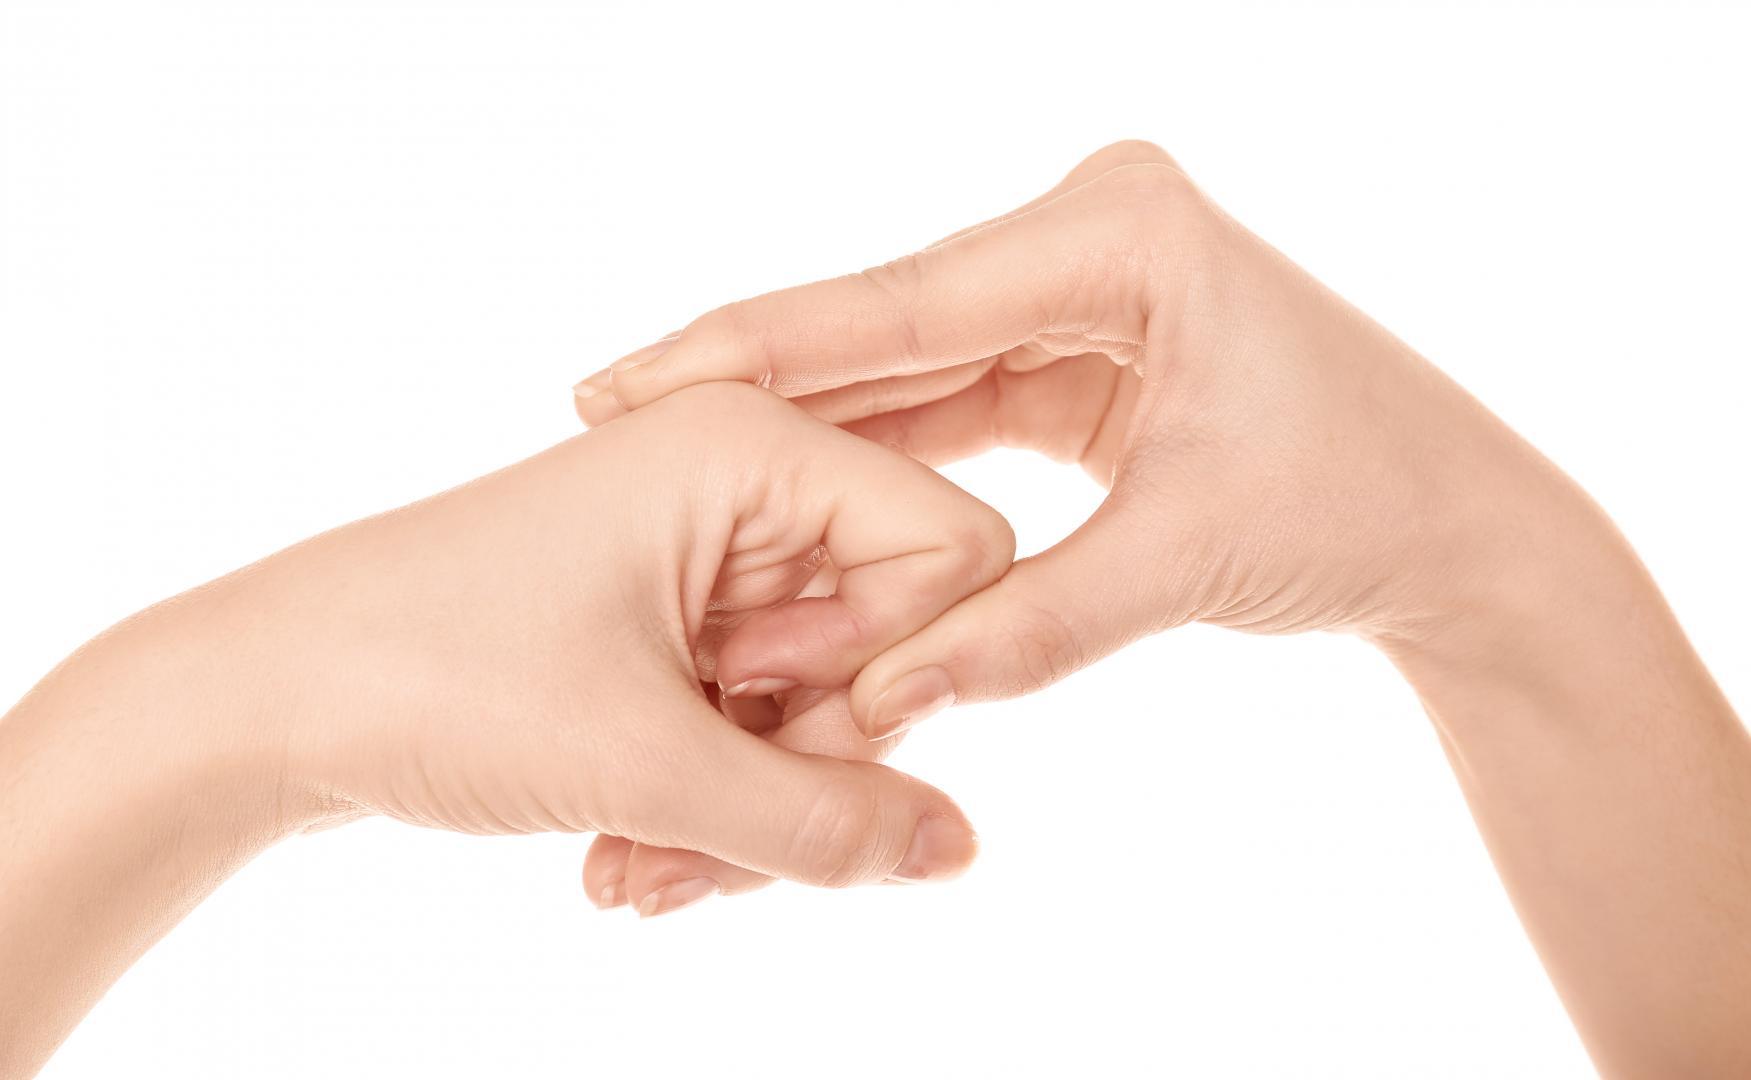 trzaskający palec